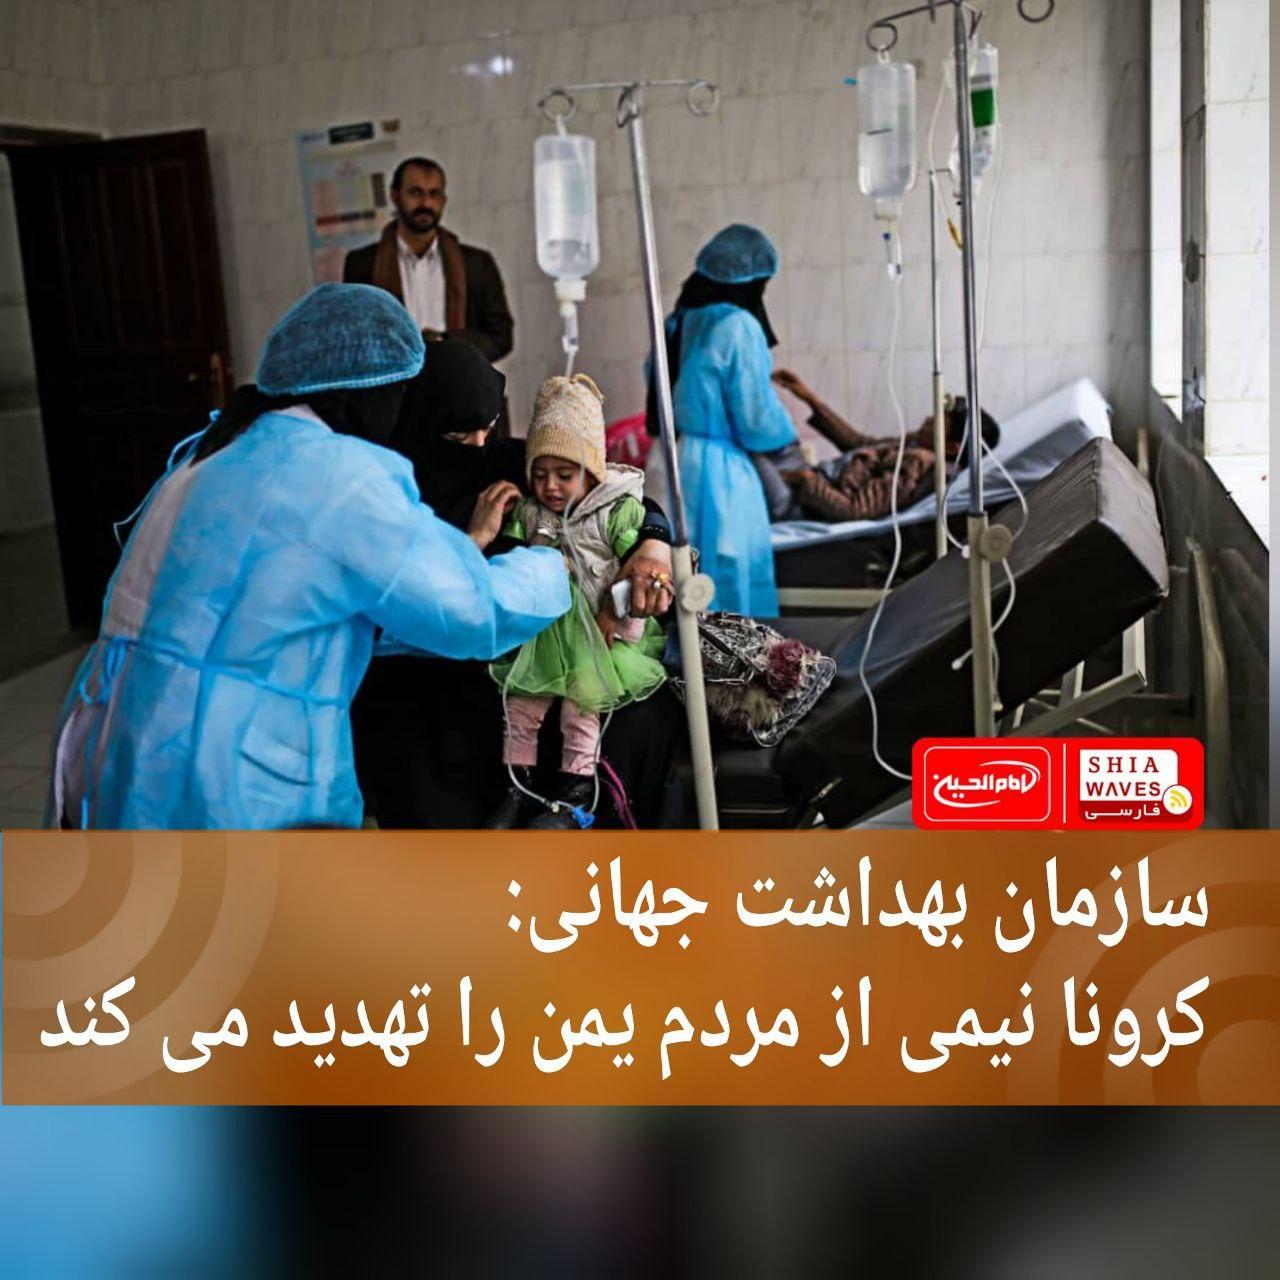 تصویر سازمان بهداشت جهانی: کرونا نیمی از مردم یمن را تهدید می کند